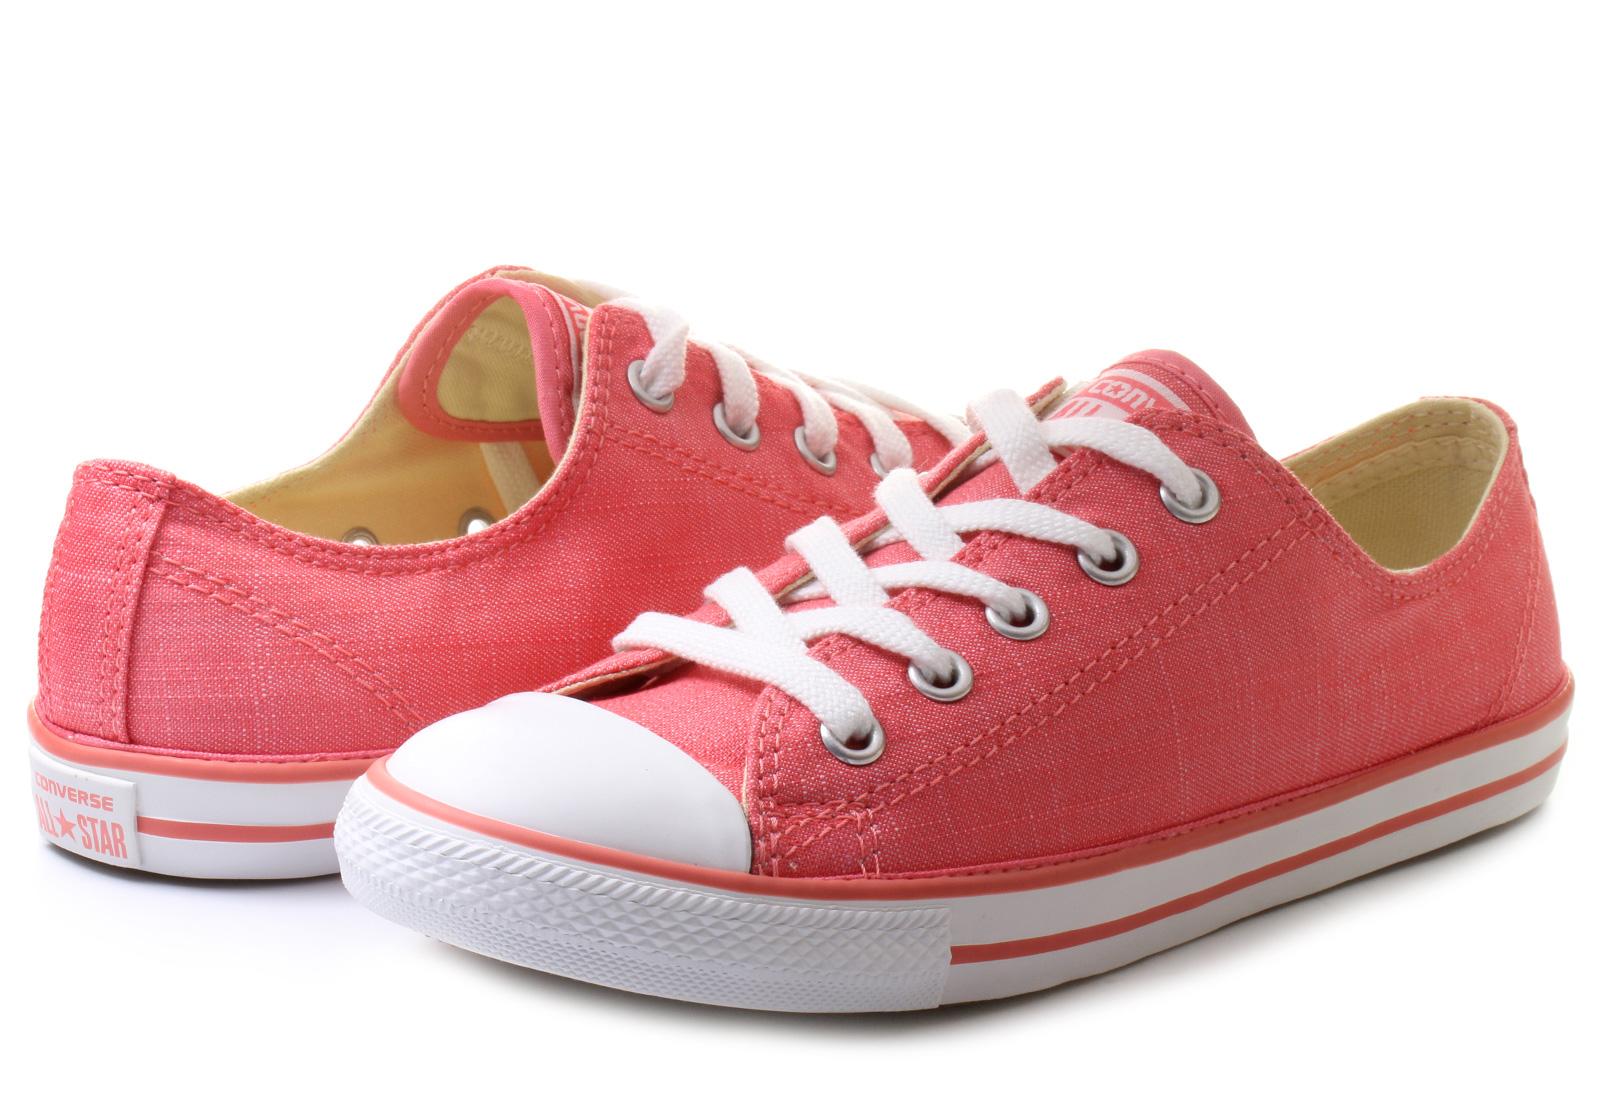 Converse Trampki Chuck Taylor All Star Dainty Ox 542507c Obuwie i buty damskie, męskie, dziecięce w Office Shoes